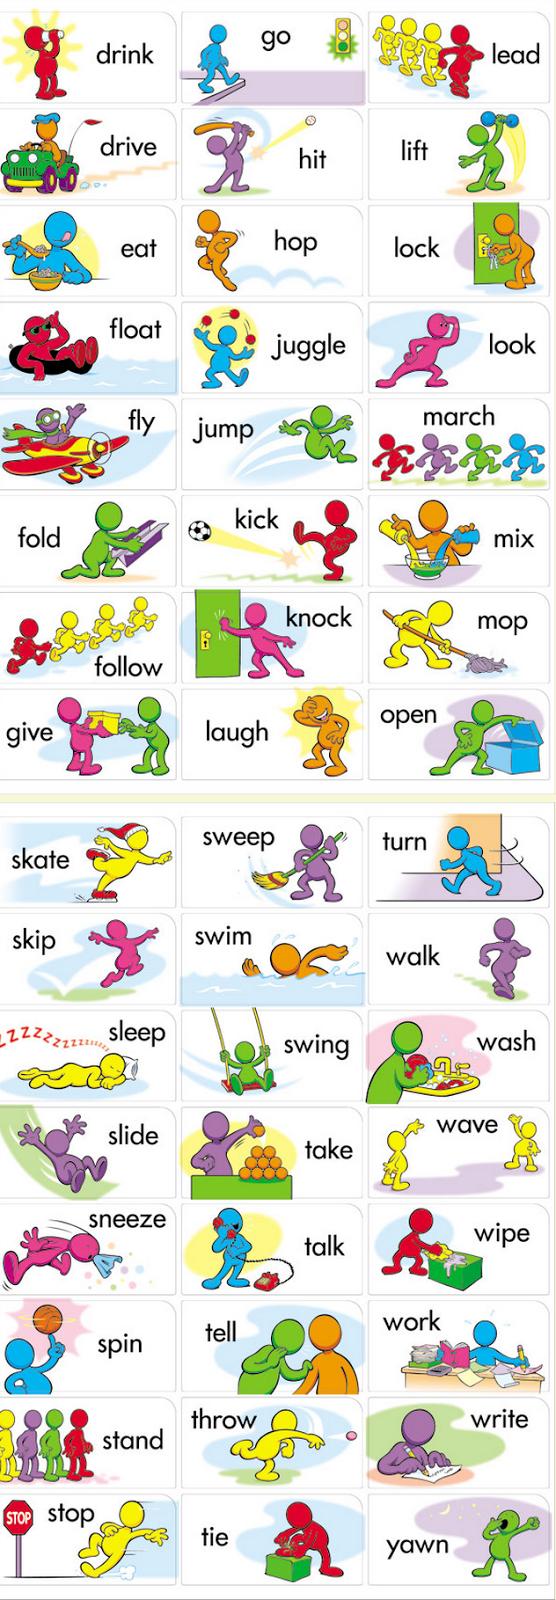 Tarjetas De Verbos En Ingles 2 Verbos Ingles Vocabulario En Ingles Fichas Ingles